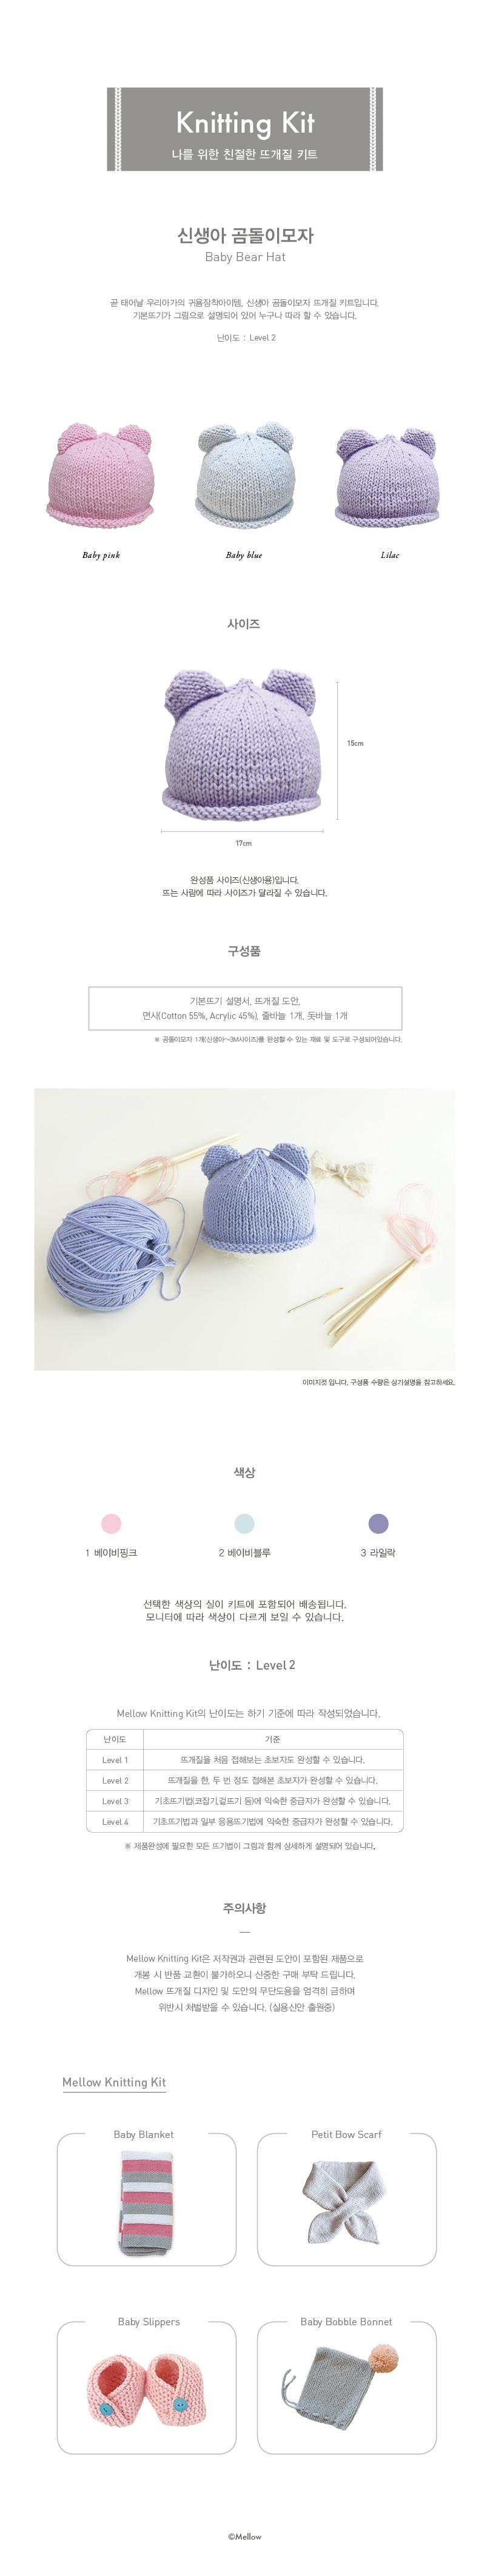 니팅 키트 - 신생아 곰돌이모자 - 멜로우, 15,000원, DIY아기용품, DIY아기용품